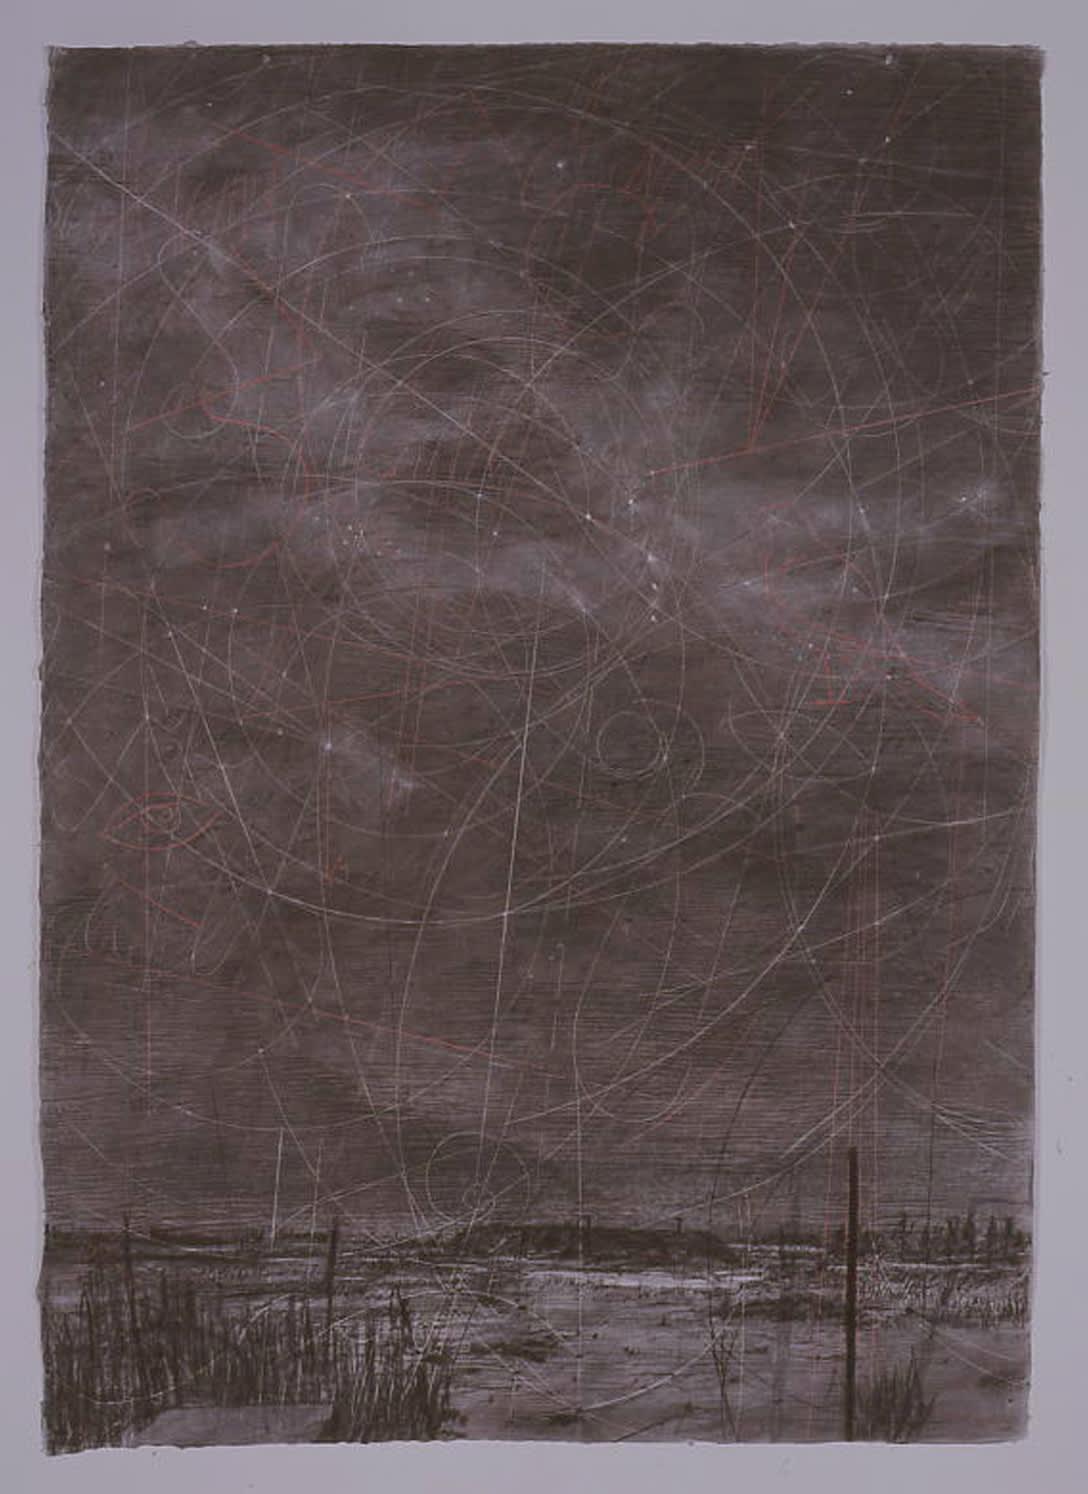 William Kentridge, Constellation, 2004